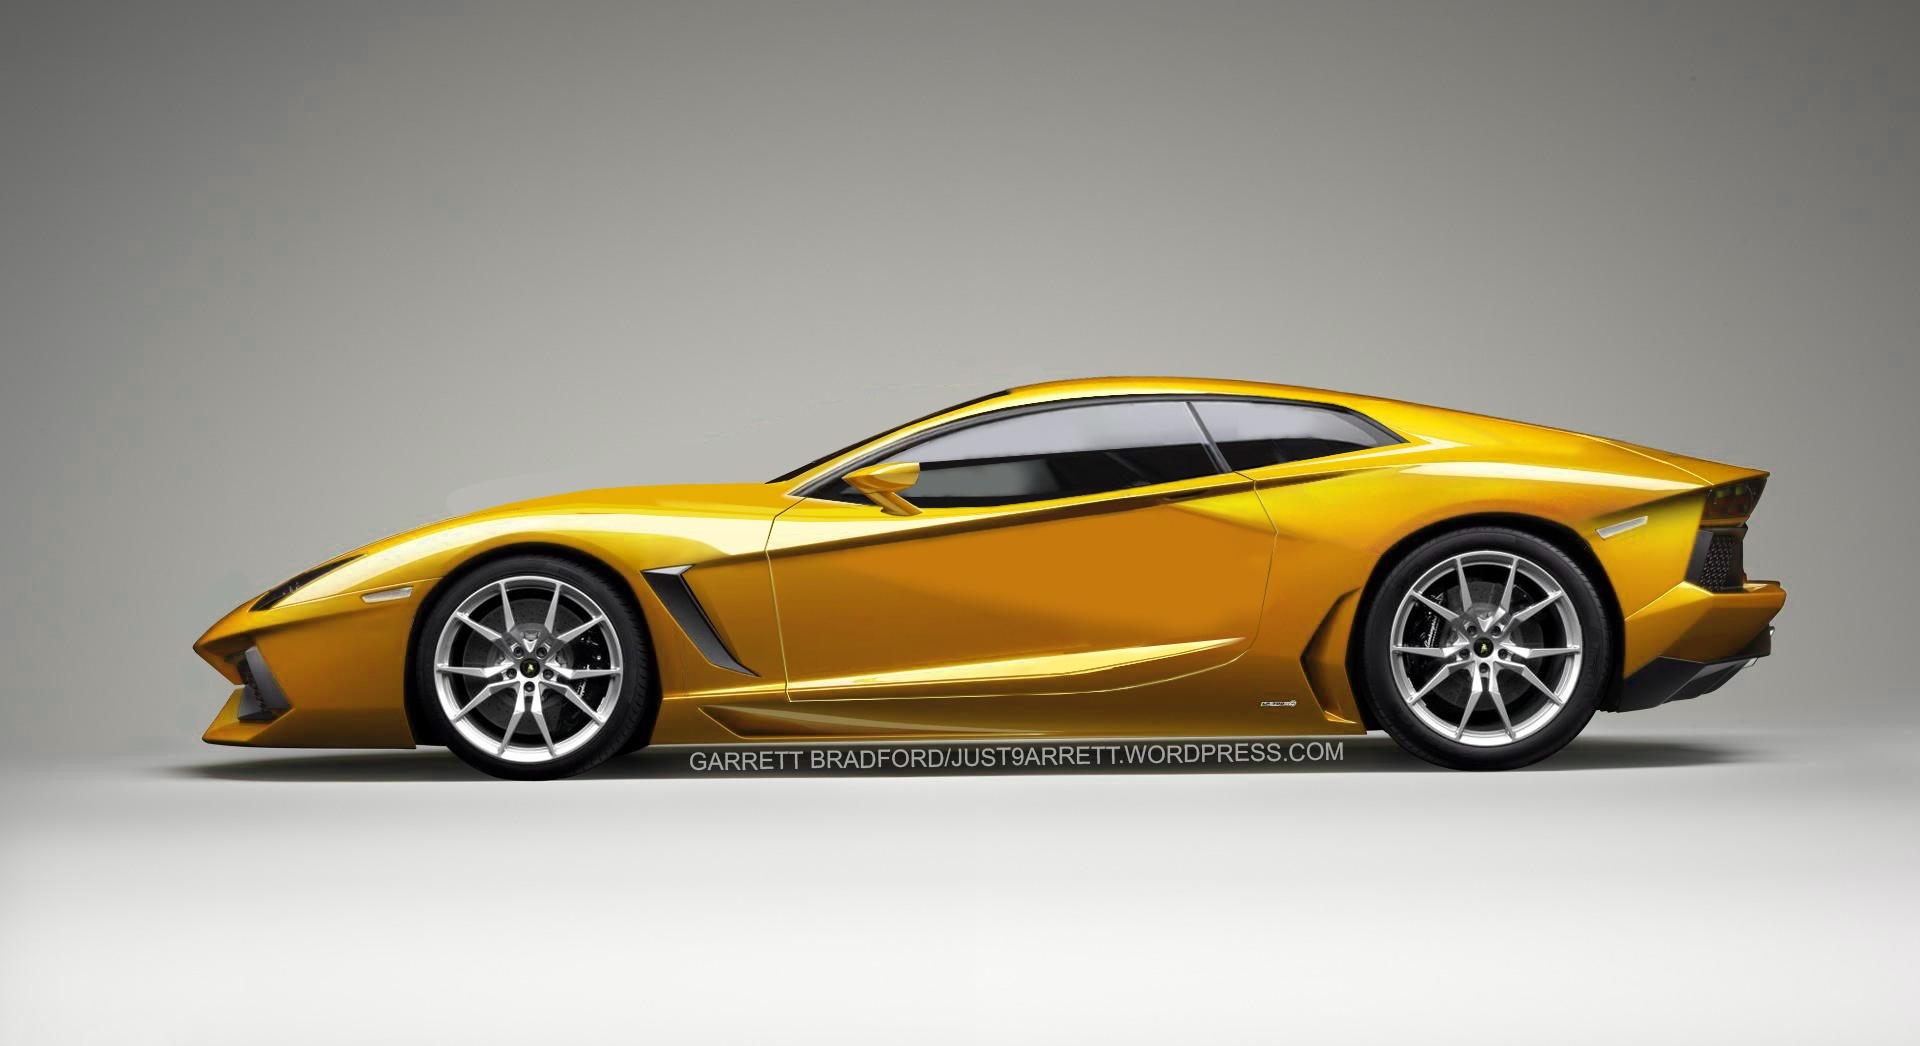 Lamborghini no descarta un superdeportivo de motor delantero: todos los detalles